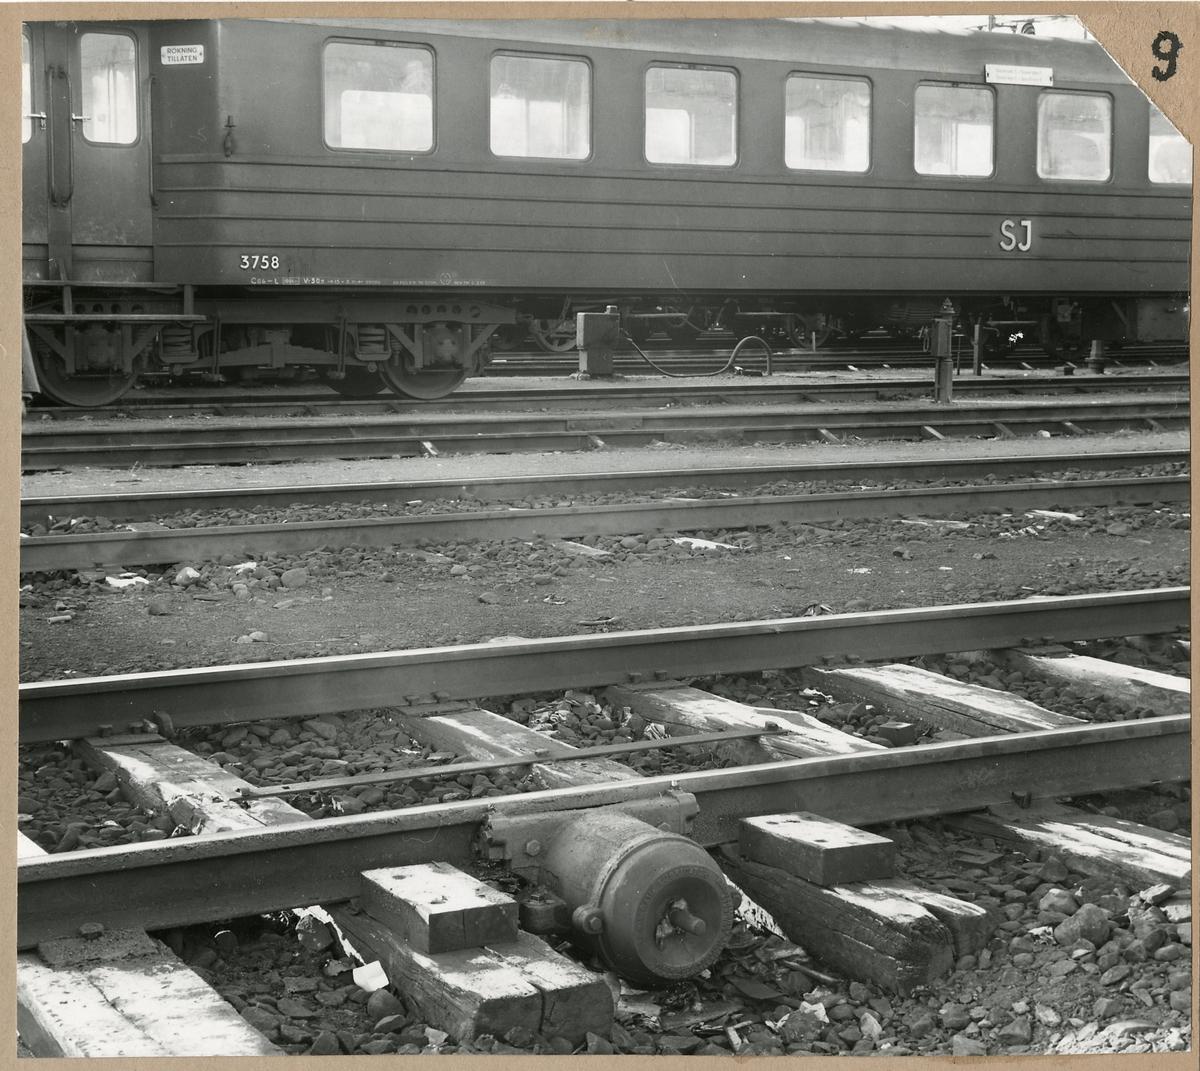 Flänssmörjapparat modell C4. Statens Järnvägar, SJ Co6-L 3758 i bakgrunden.